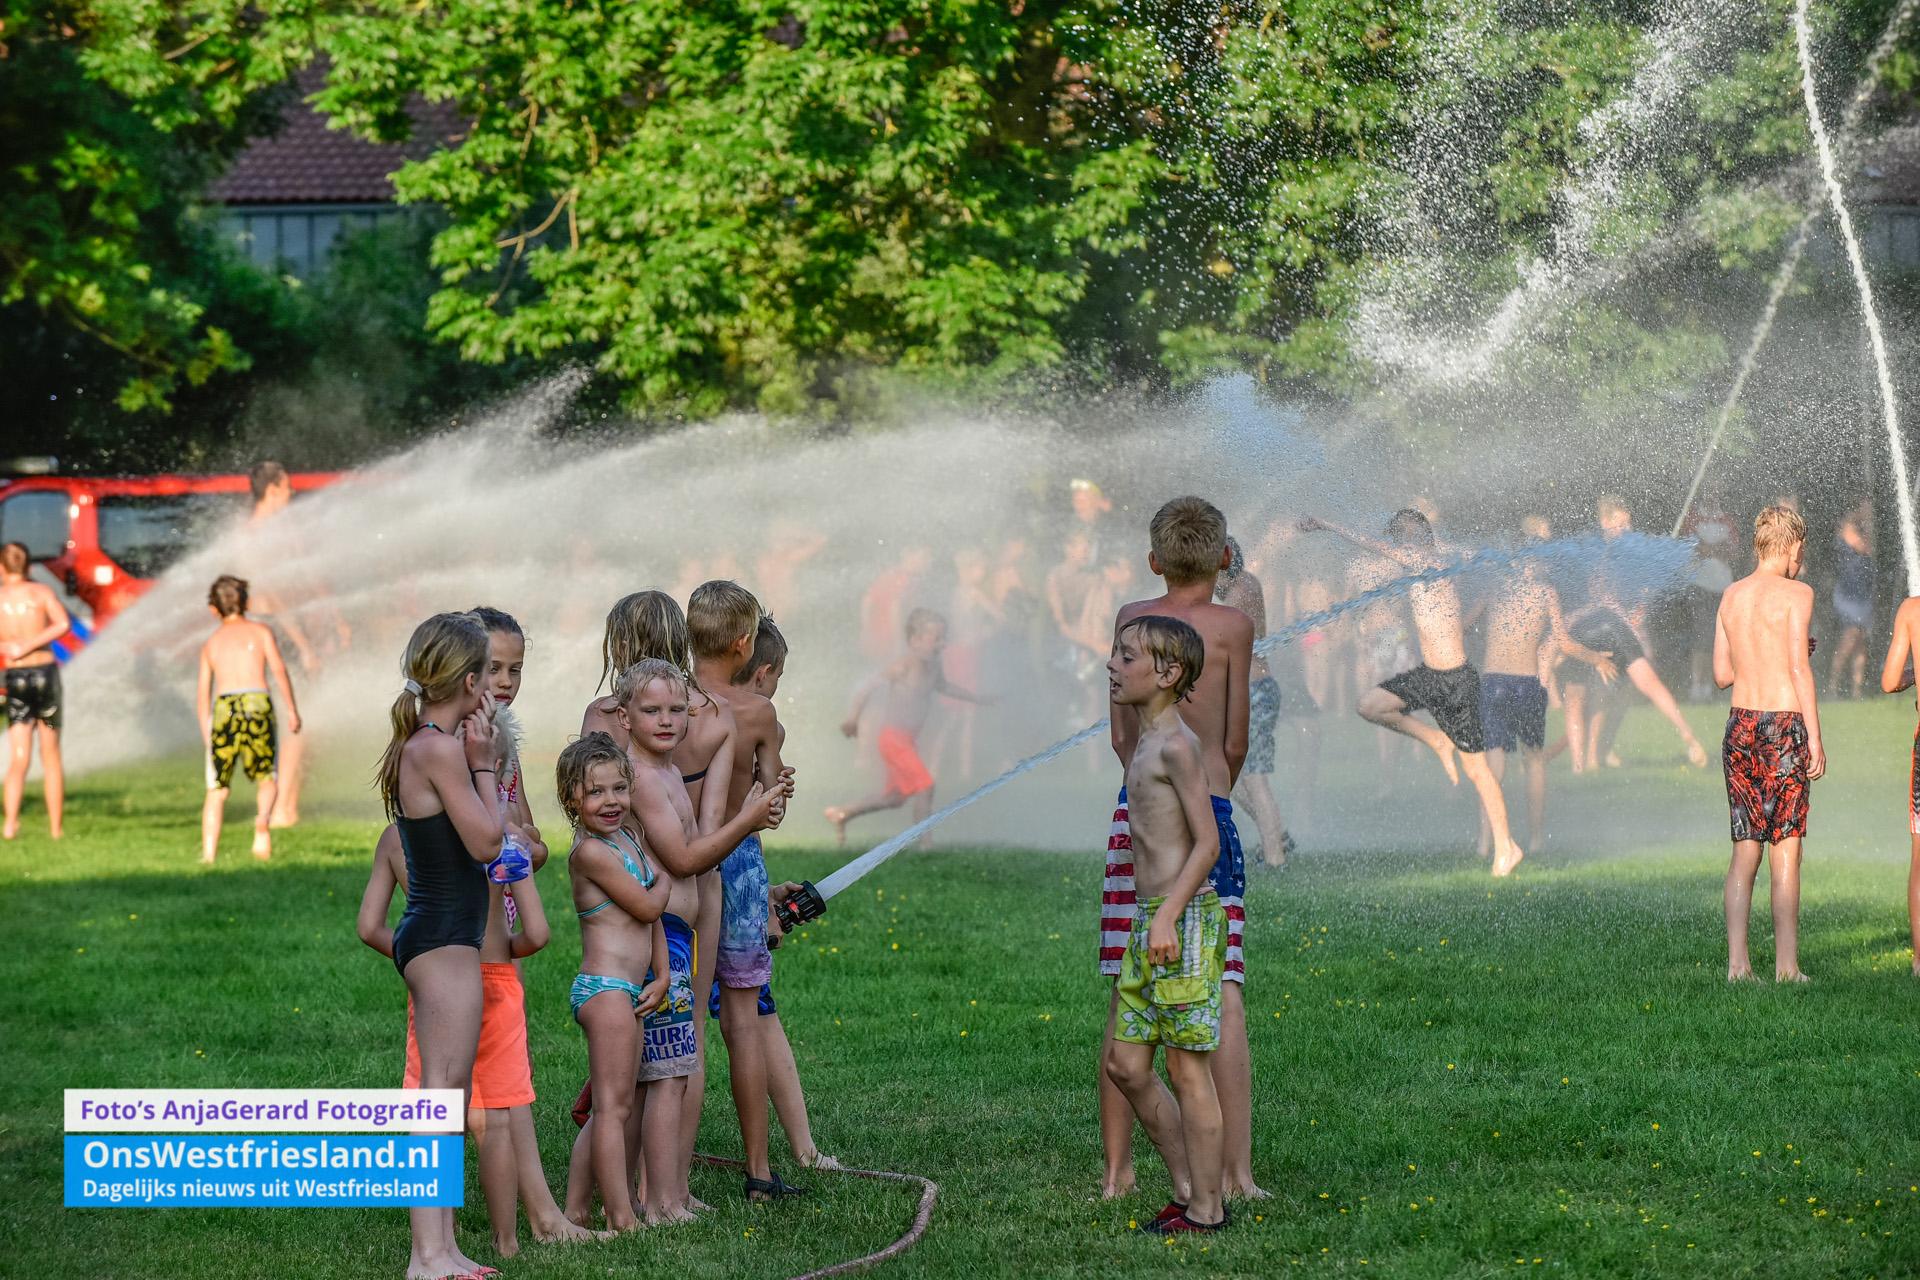 Brandweer Wervershoof zorgt voor waterpret (foto's)